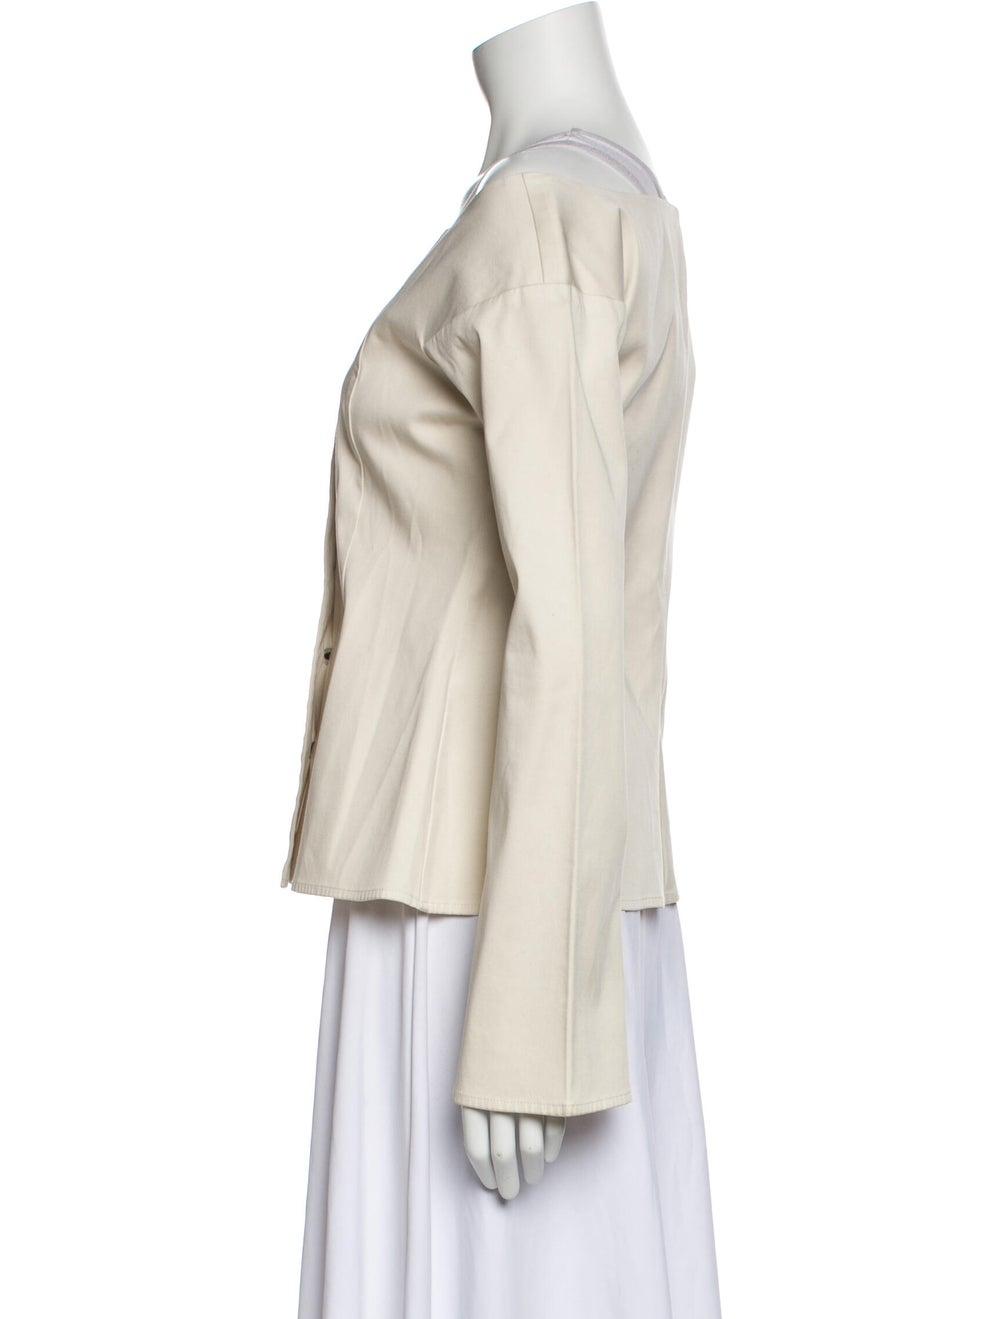 Beaufille Jacket - image 2